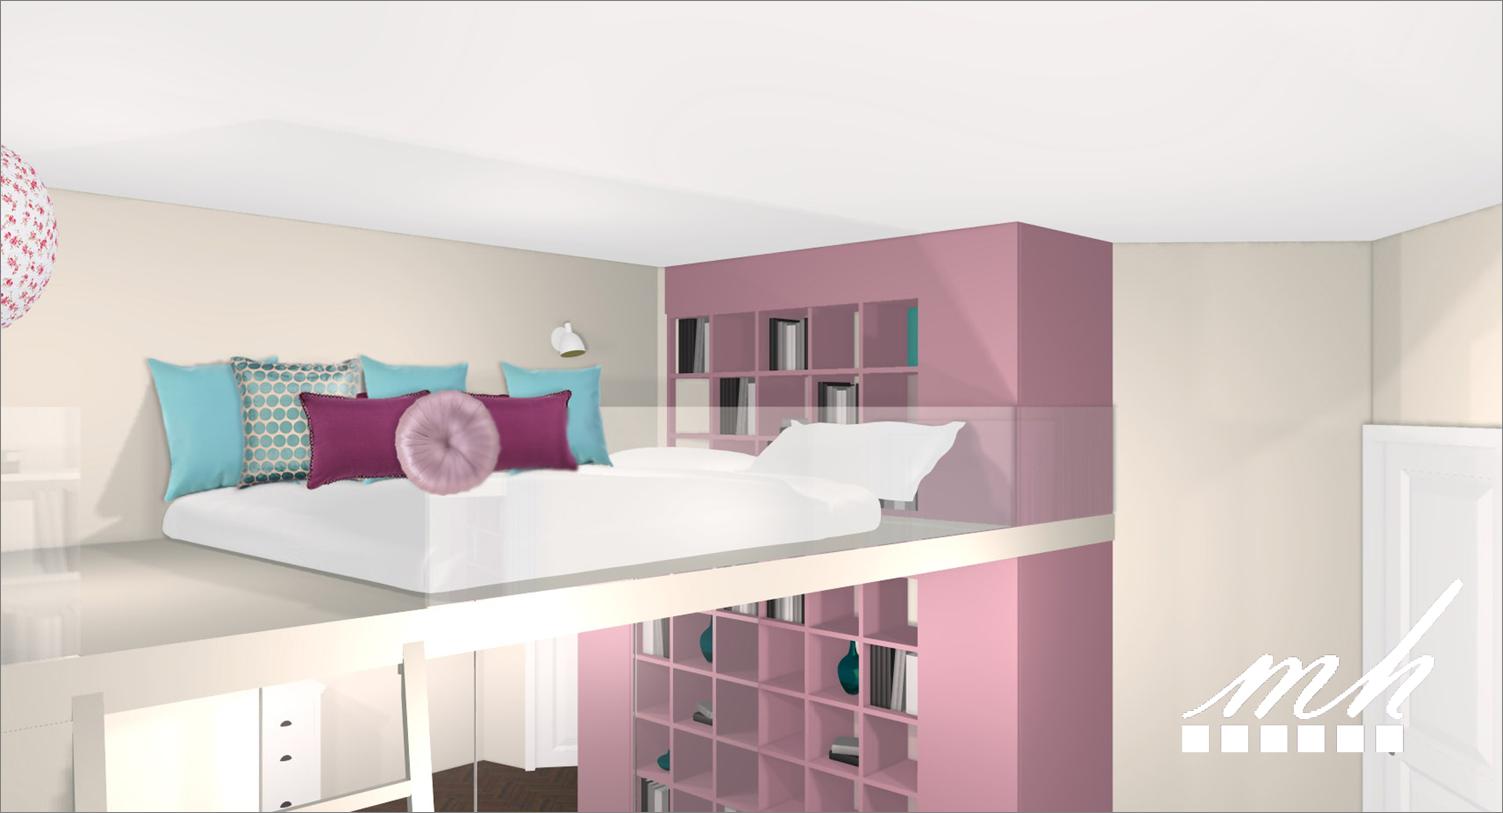 comment donner une impression de hauteur une pi ce recherche google deco pinterest. Black Bedroom Furniture Sets. Home Design Ideas